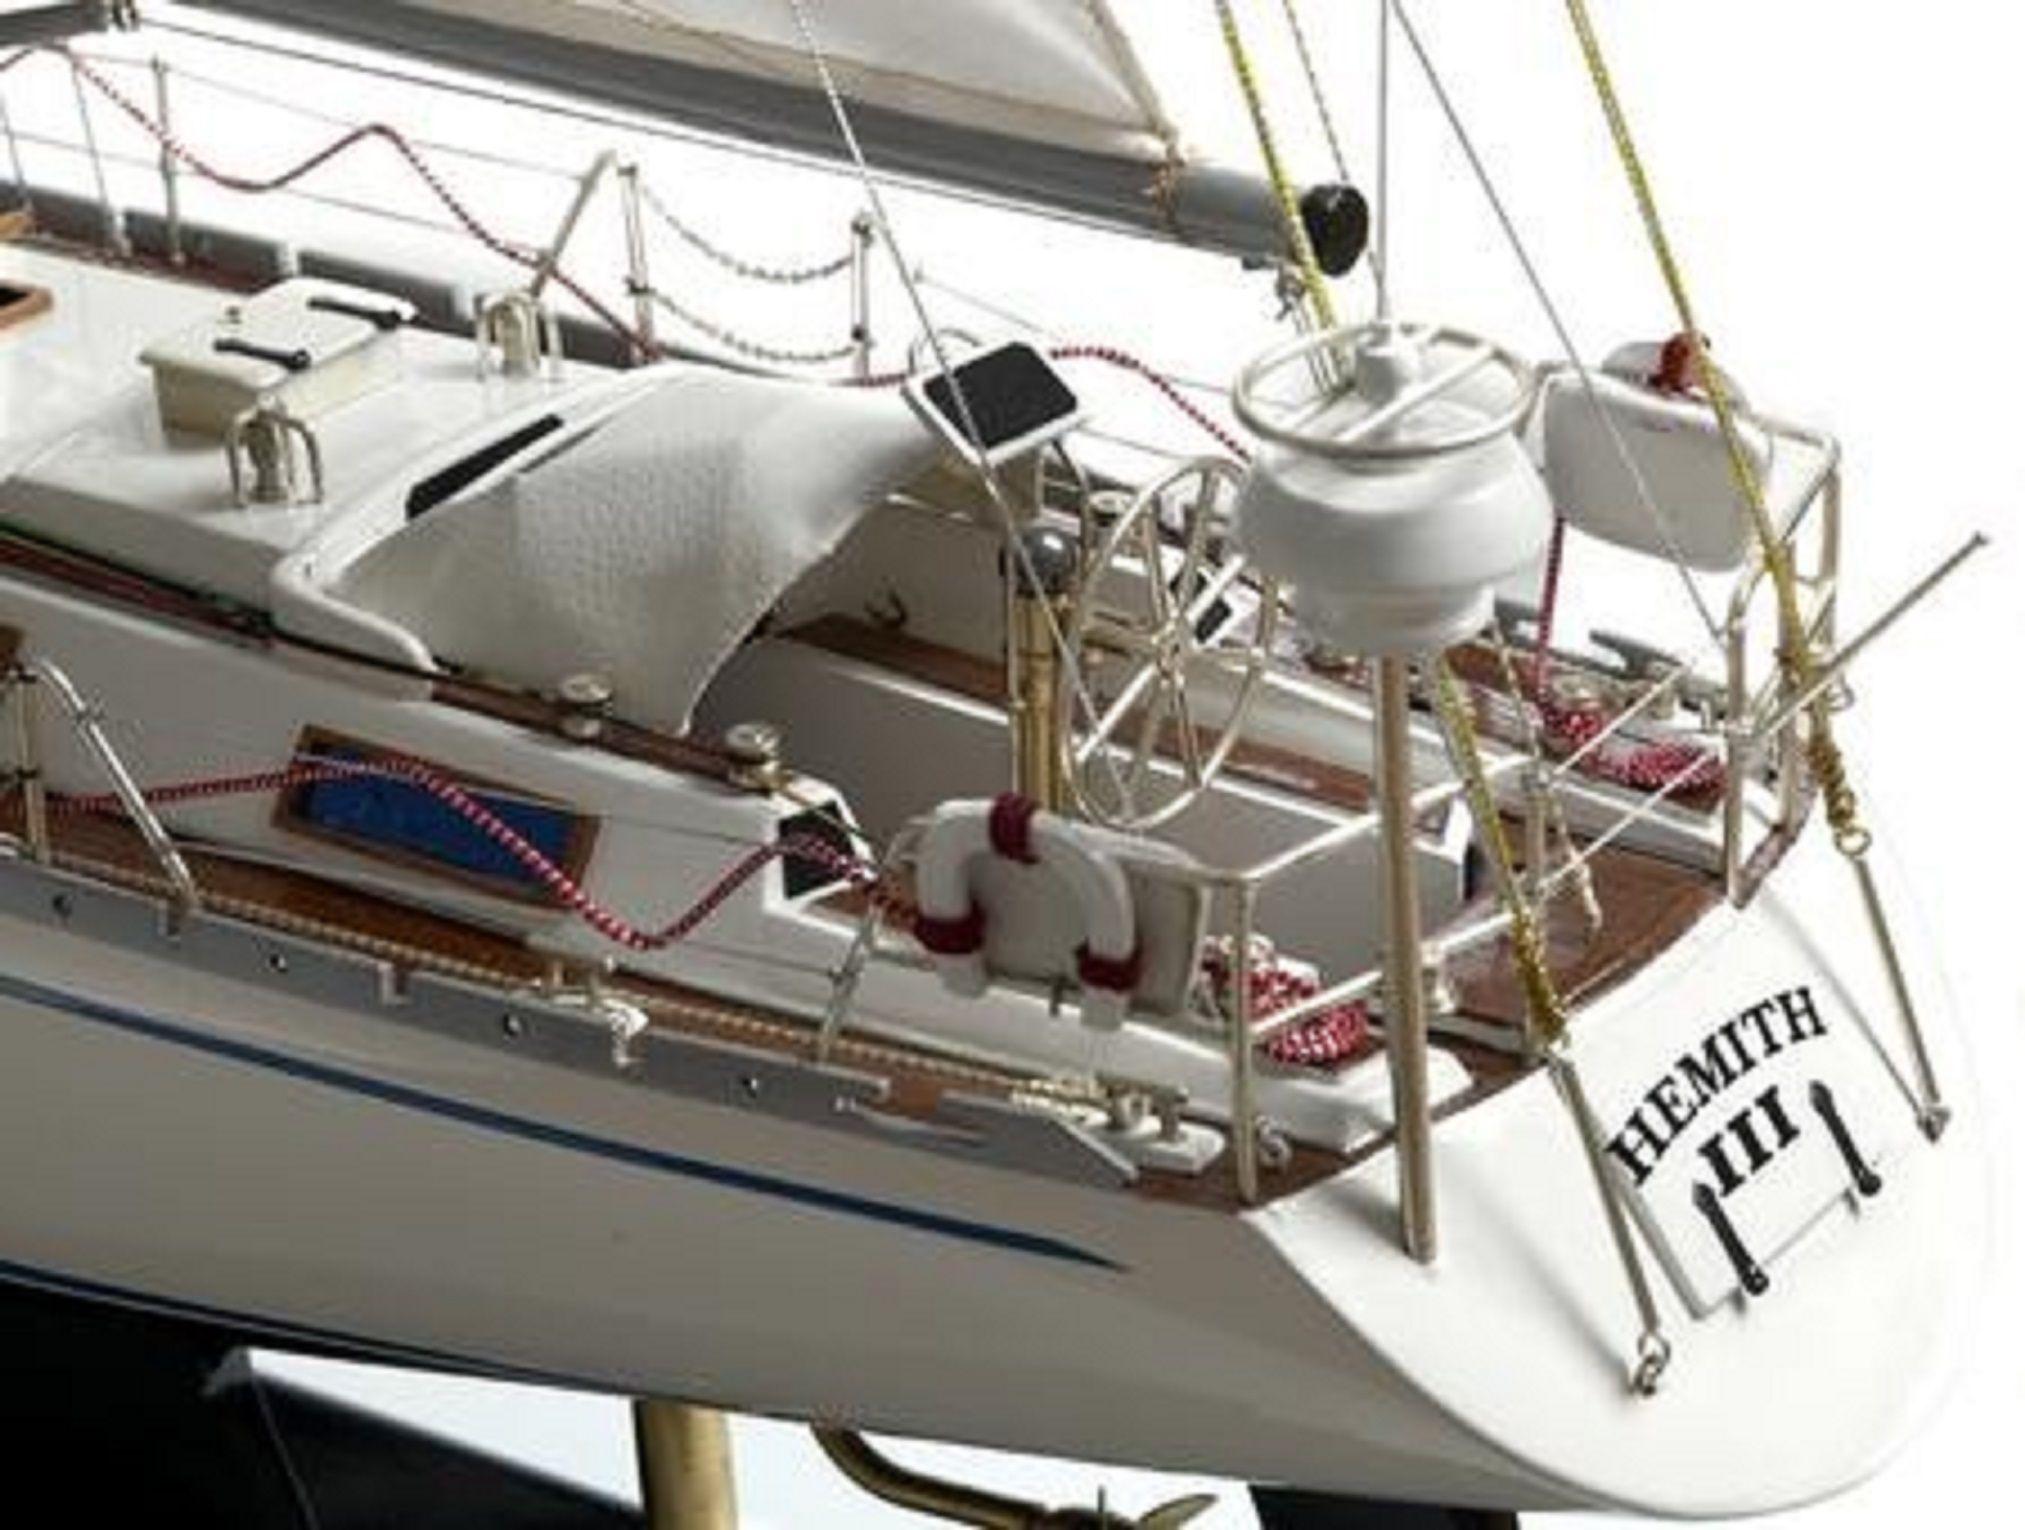 165-6857-Hemith-III-model-yacht